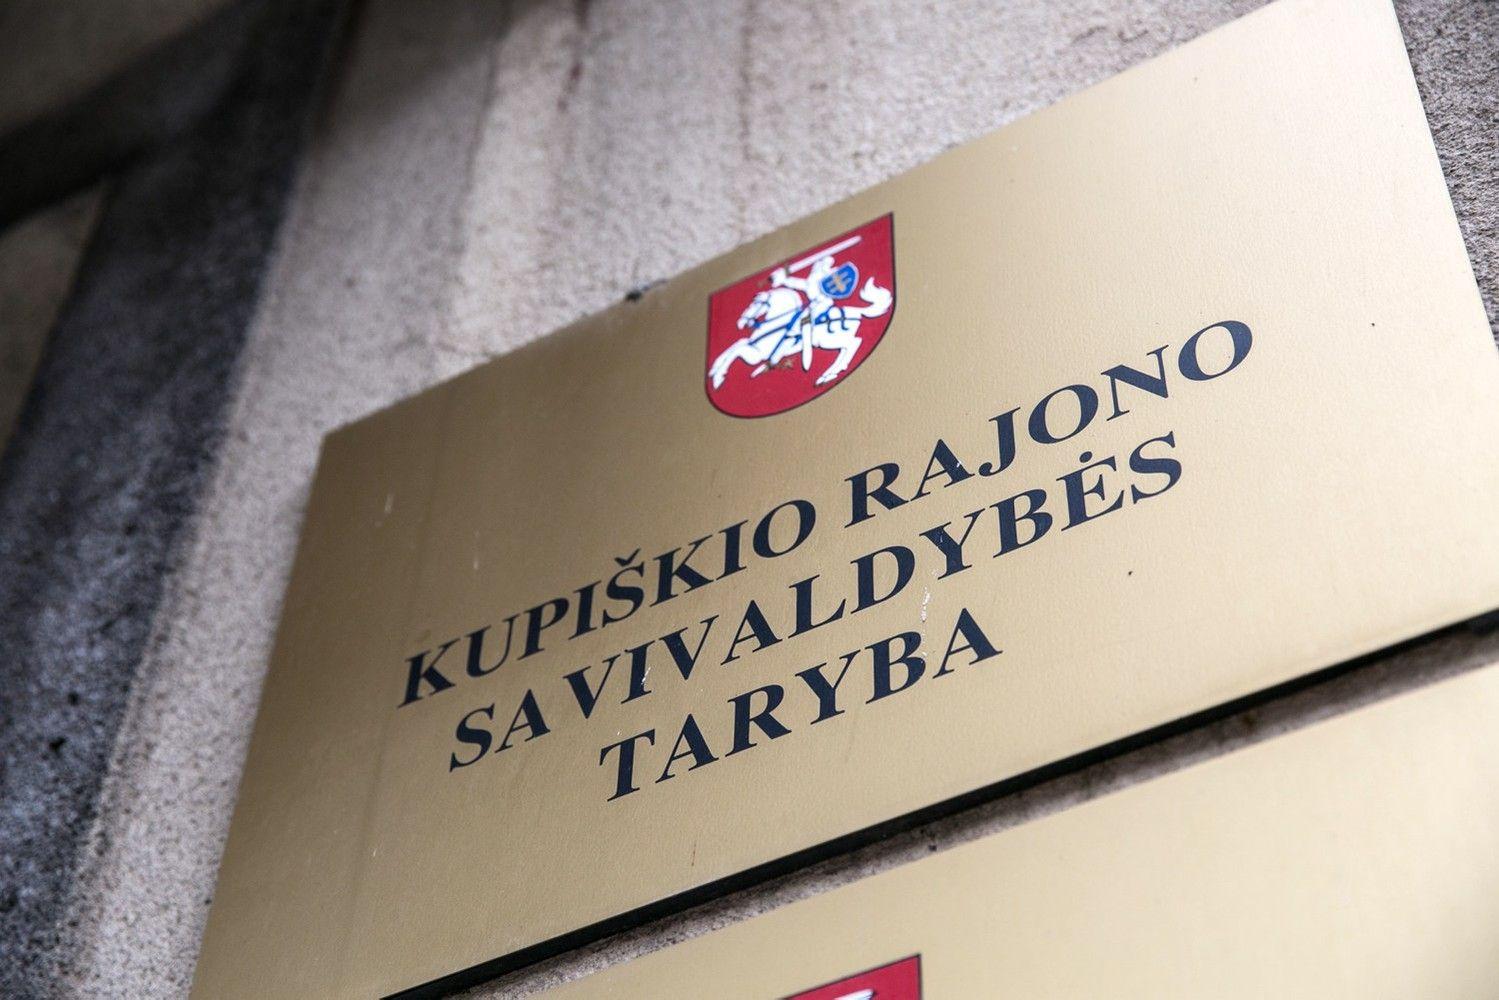 Nuteistas Puožo melioracijos statinių naudotojų asociacijai vadovavęs Kupiškio politikas